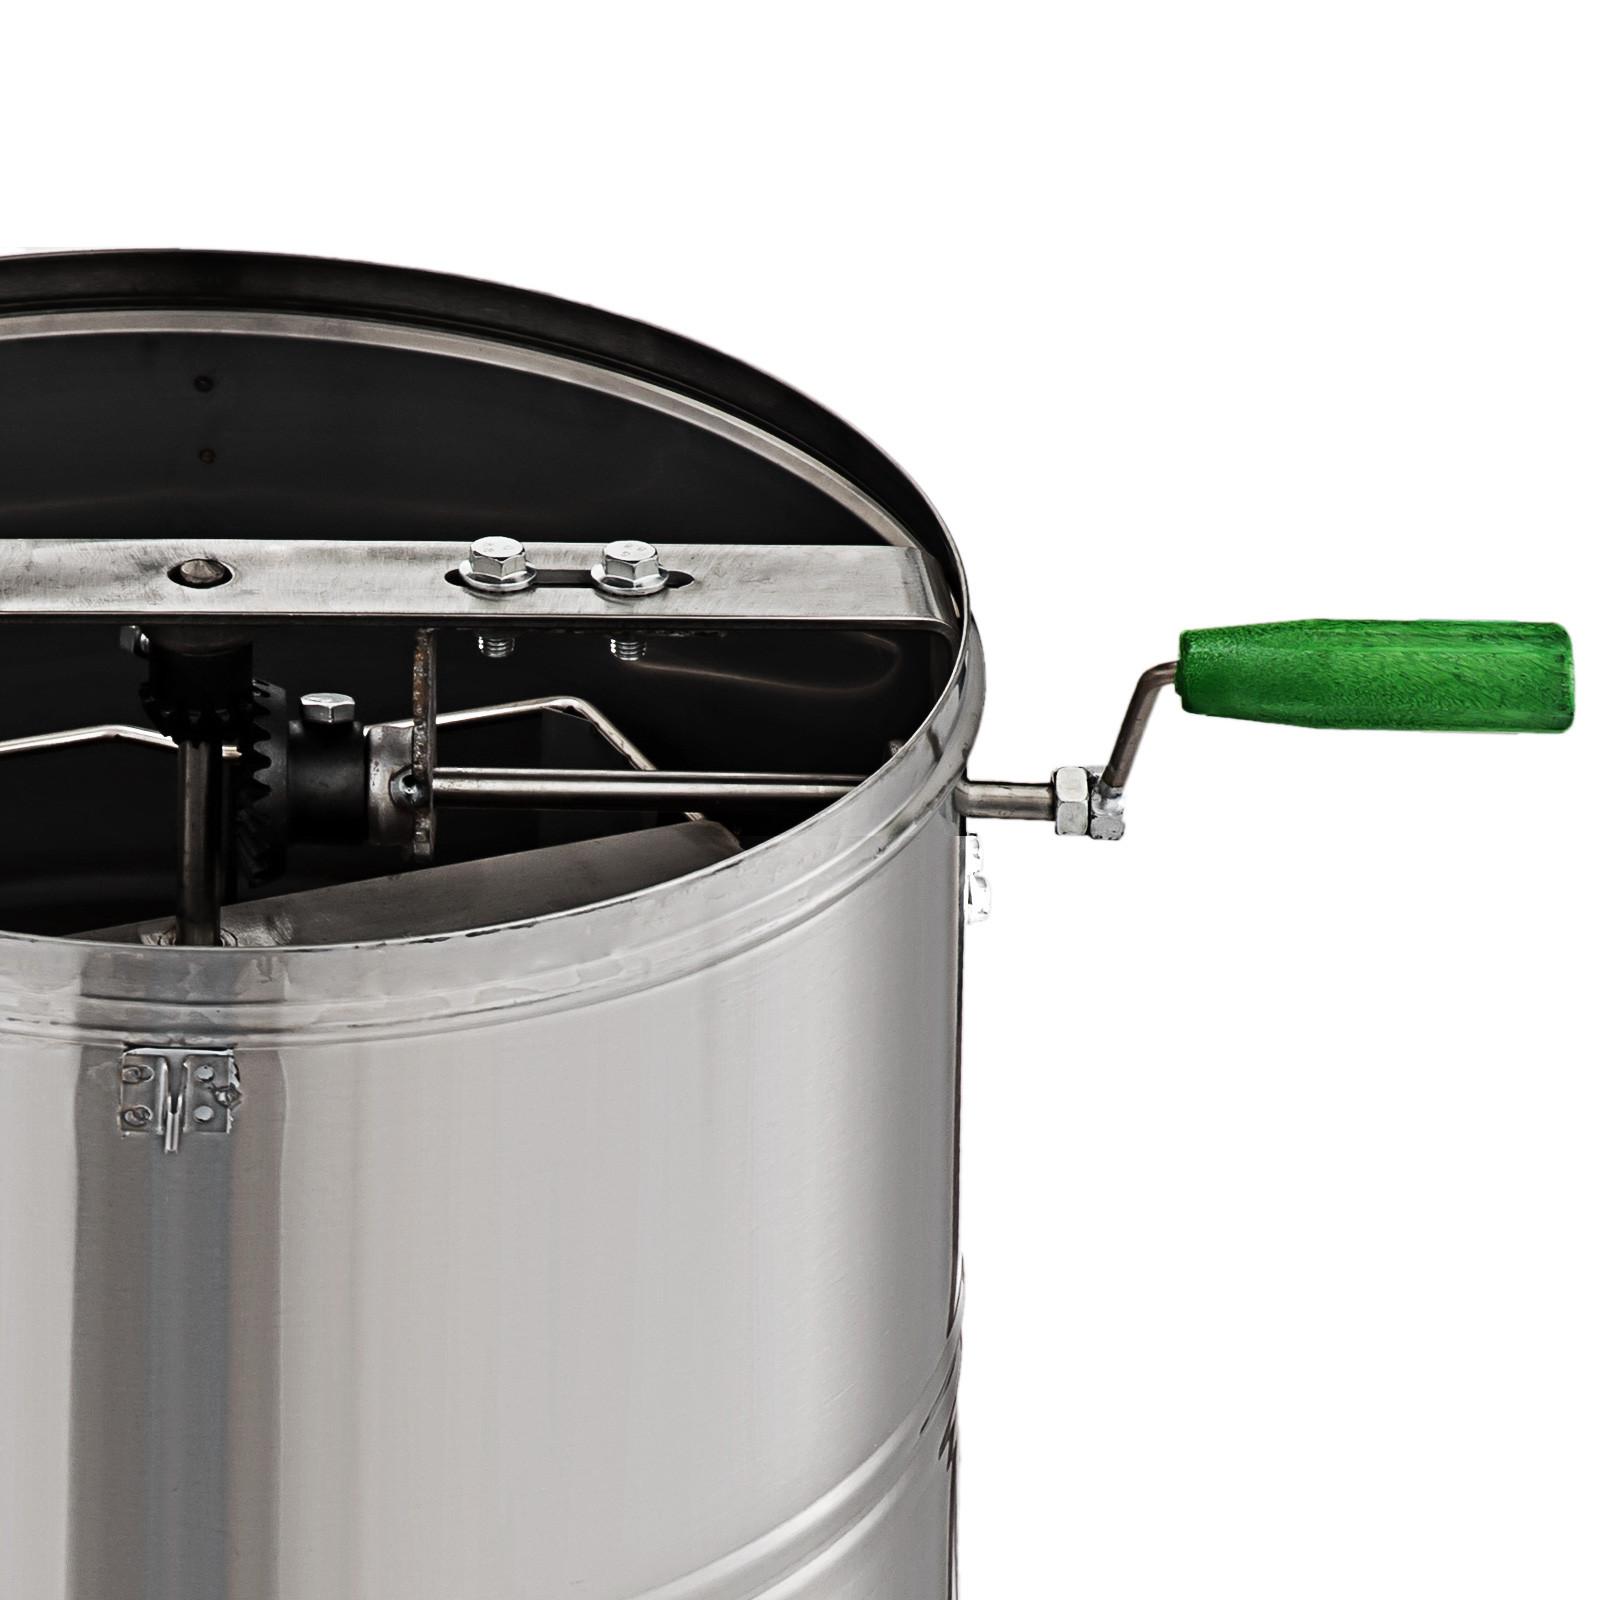 2 elektro honigschleuder geschäft sehr haltbar elektro-honigschleuder honigwaben